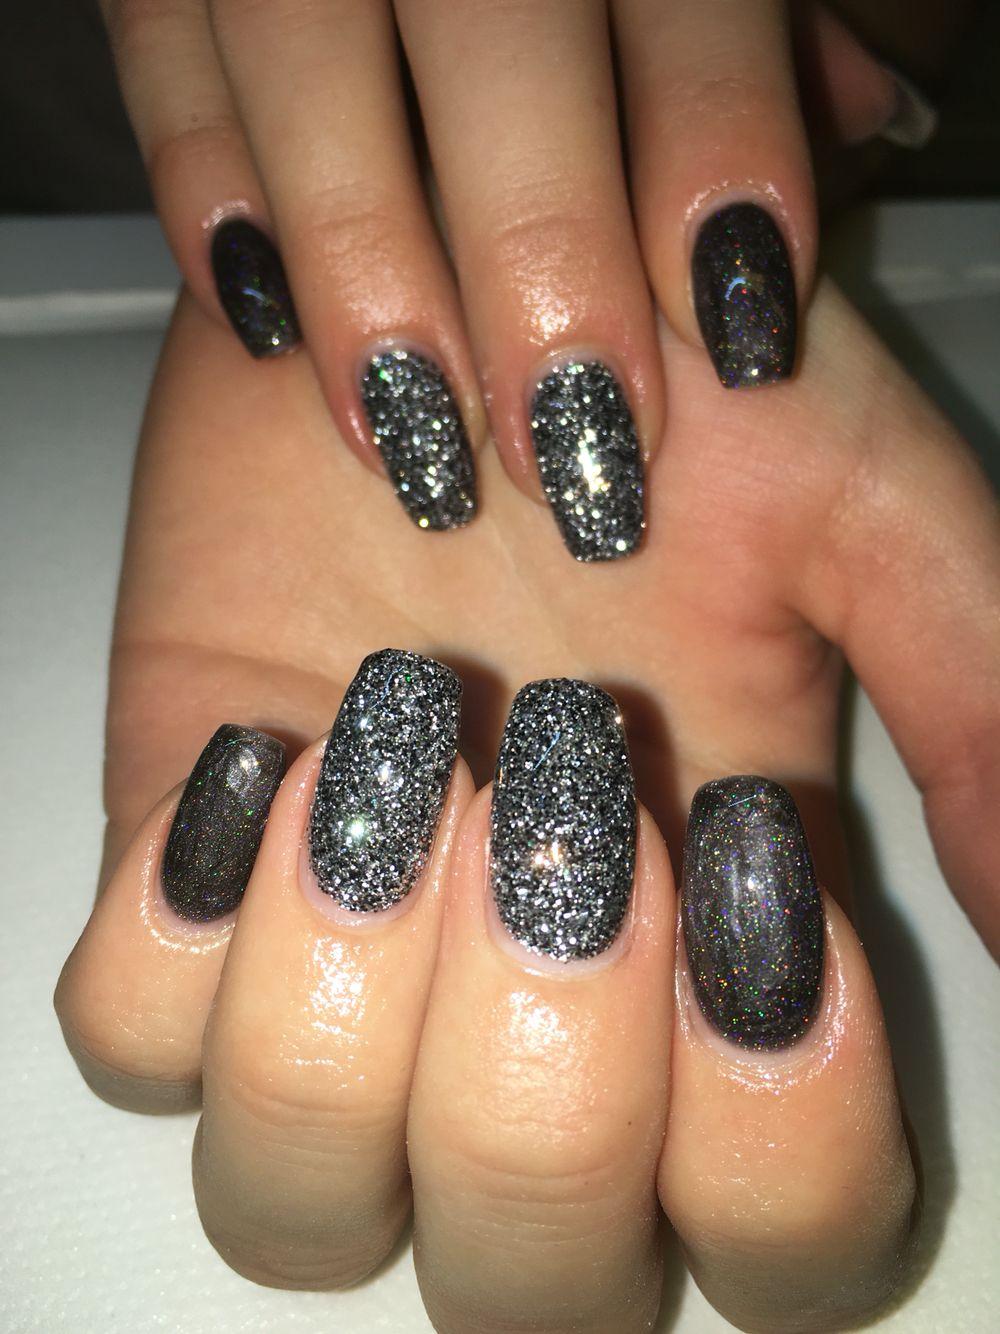 svarta naglar med glitter